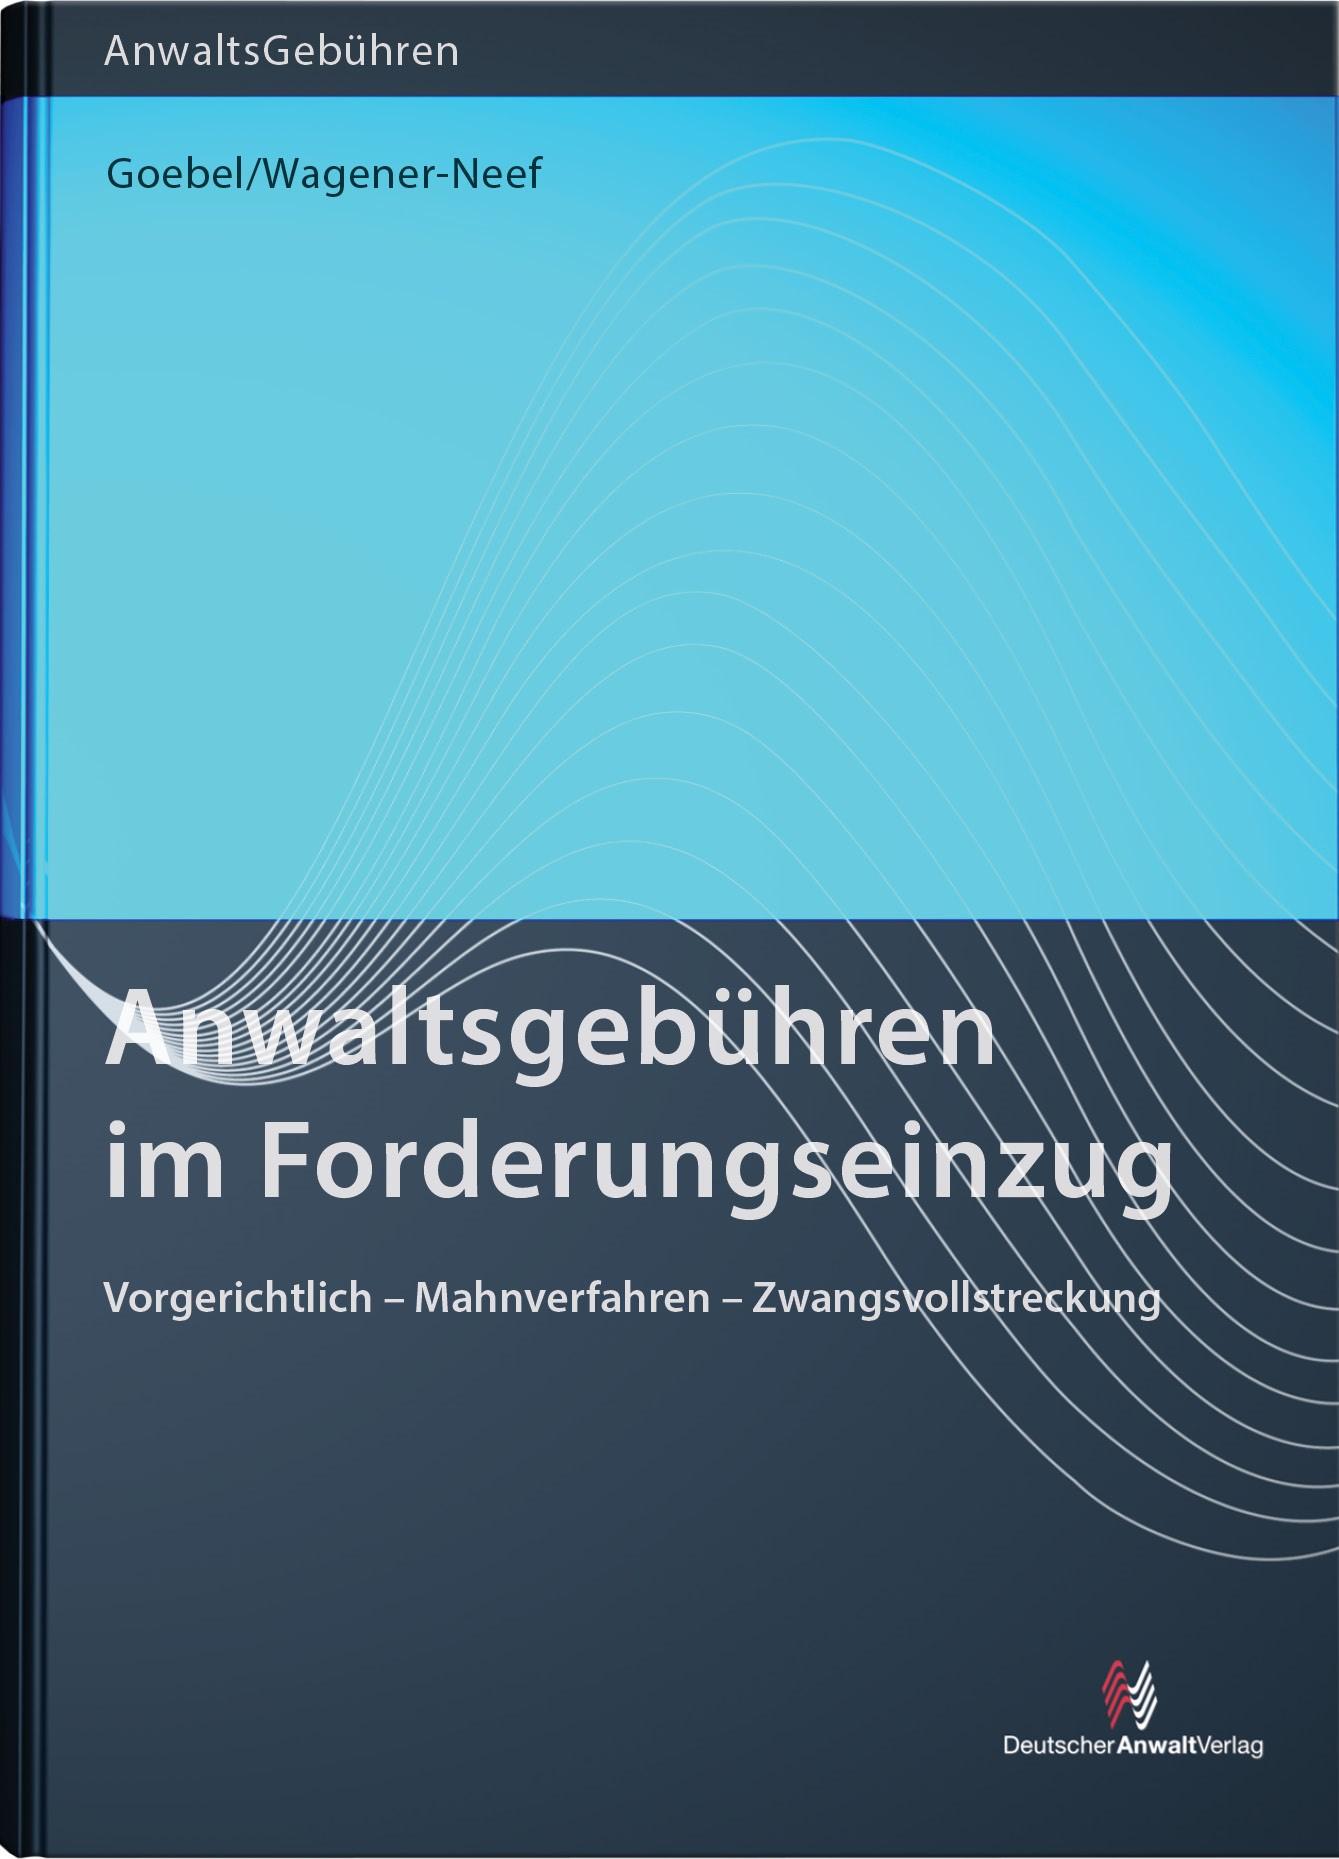 Anwaltsgebühren im Forderungseinzug | Goebel, 2017 | Buch (Cover)